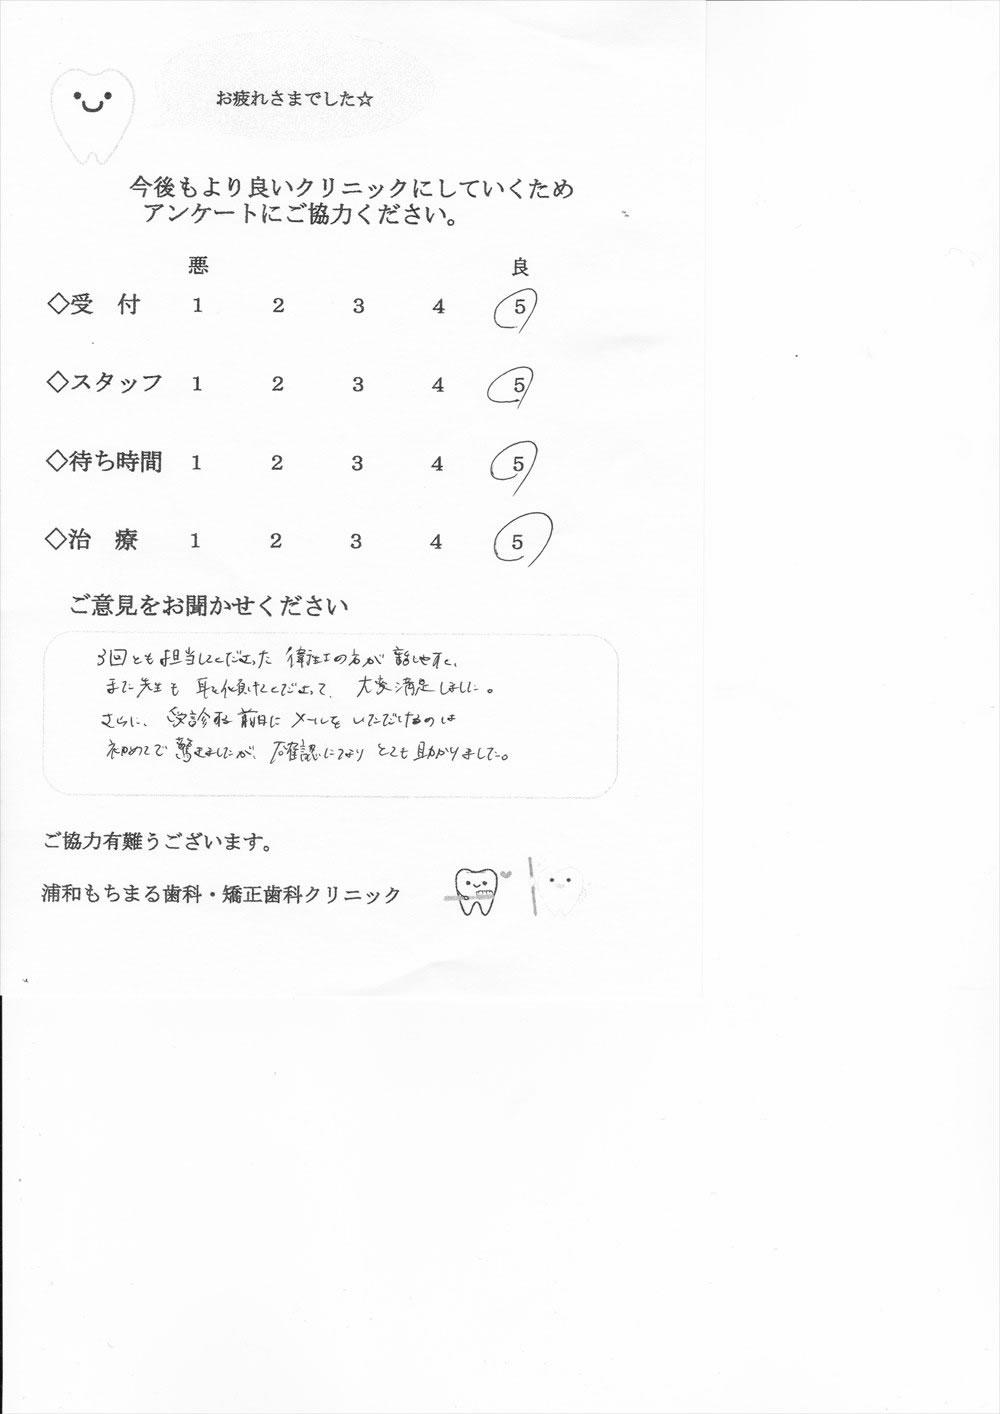 浦和もちまる歯科・矯正歯科の口コミ・評判アンケート20